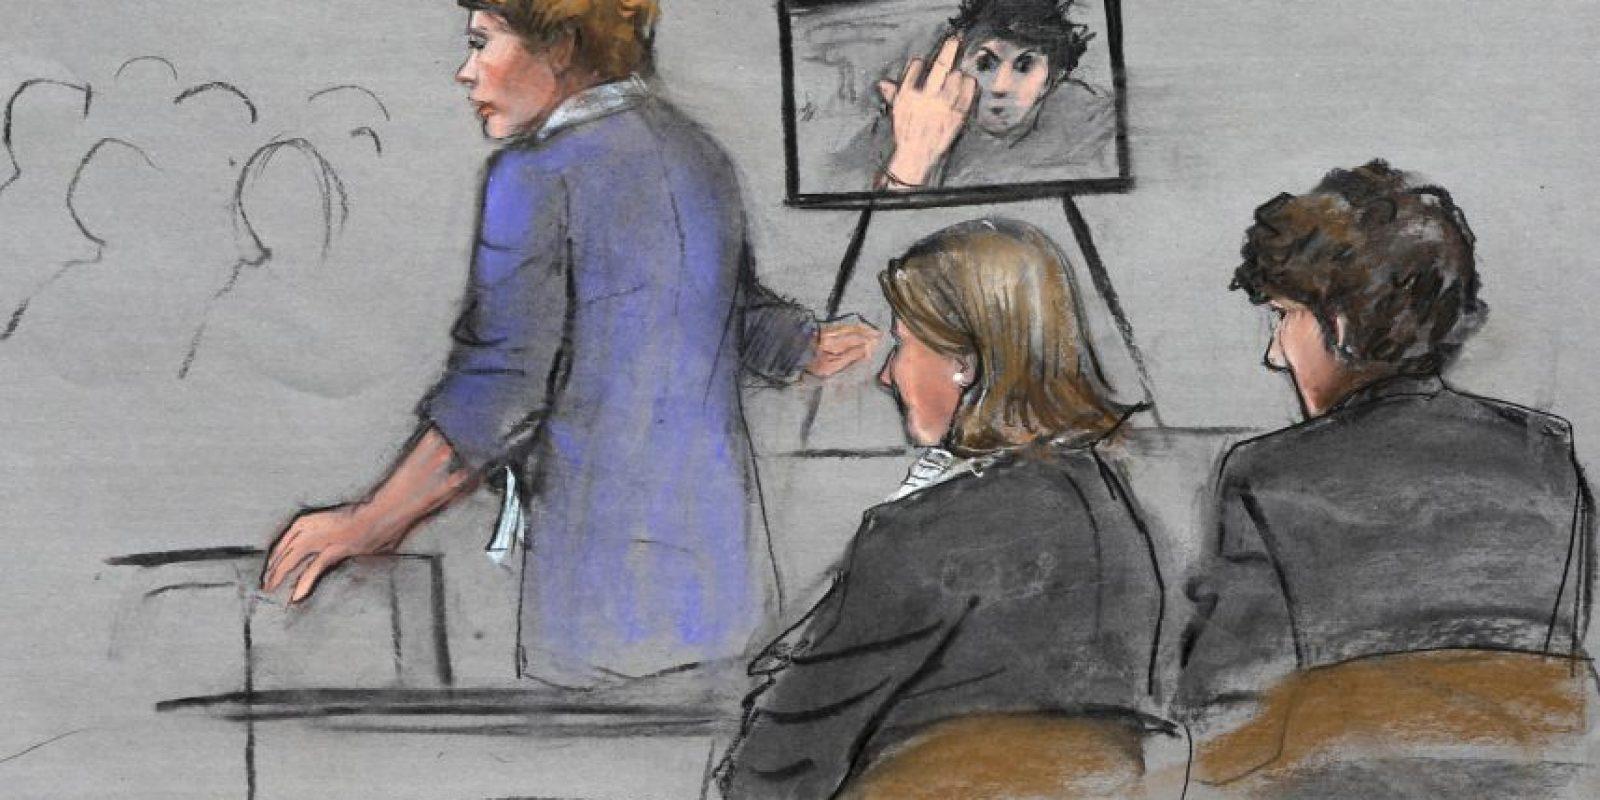 Diferentes imágenes han sido reveladas sobre los hermanos Tsarnaev Foto:AP